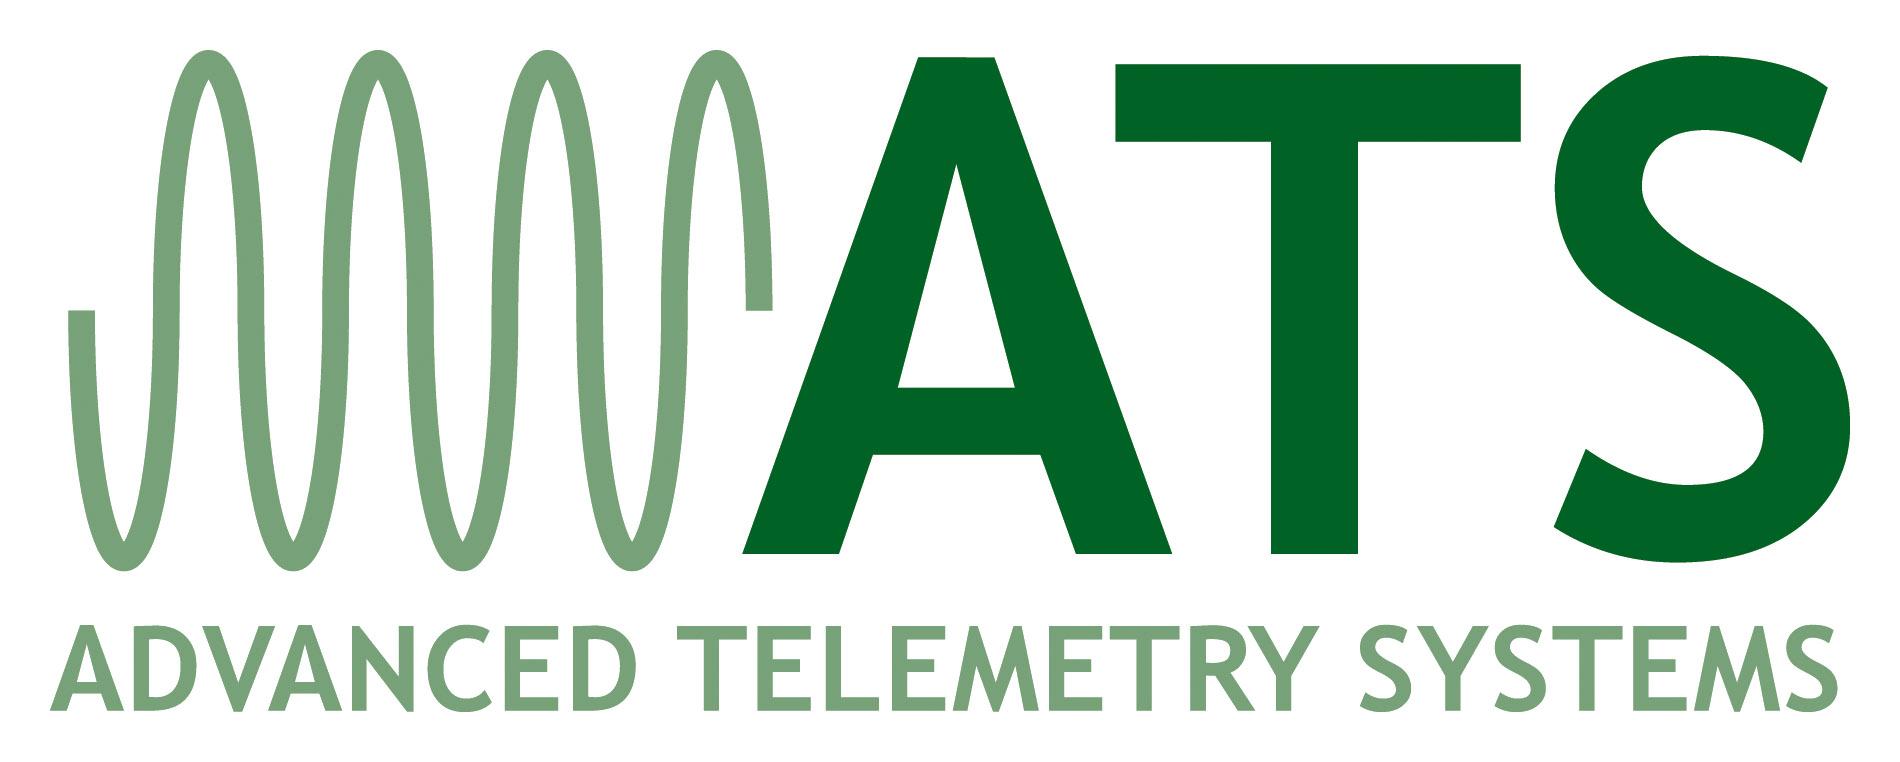 fs-ats_logo.jpg